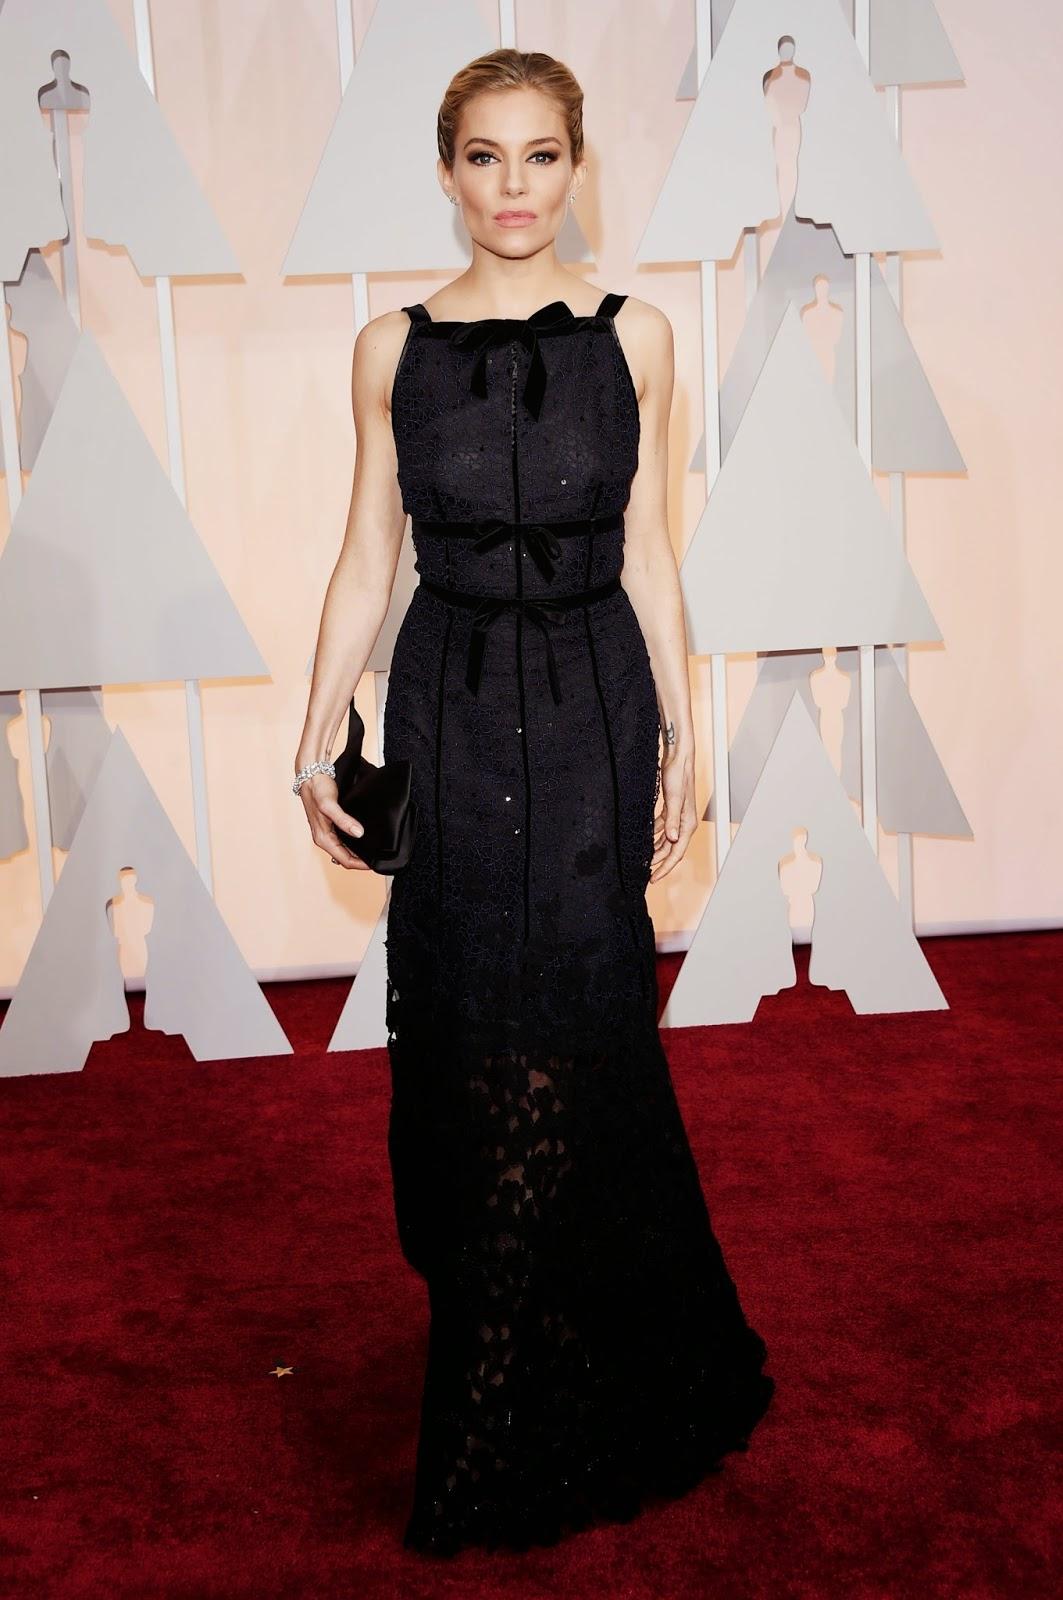 Sienna Miller Academy Awards 2015 Oscars